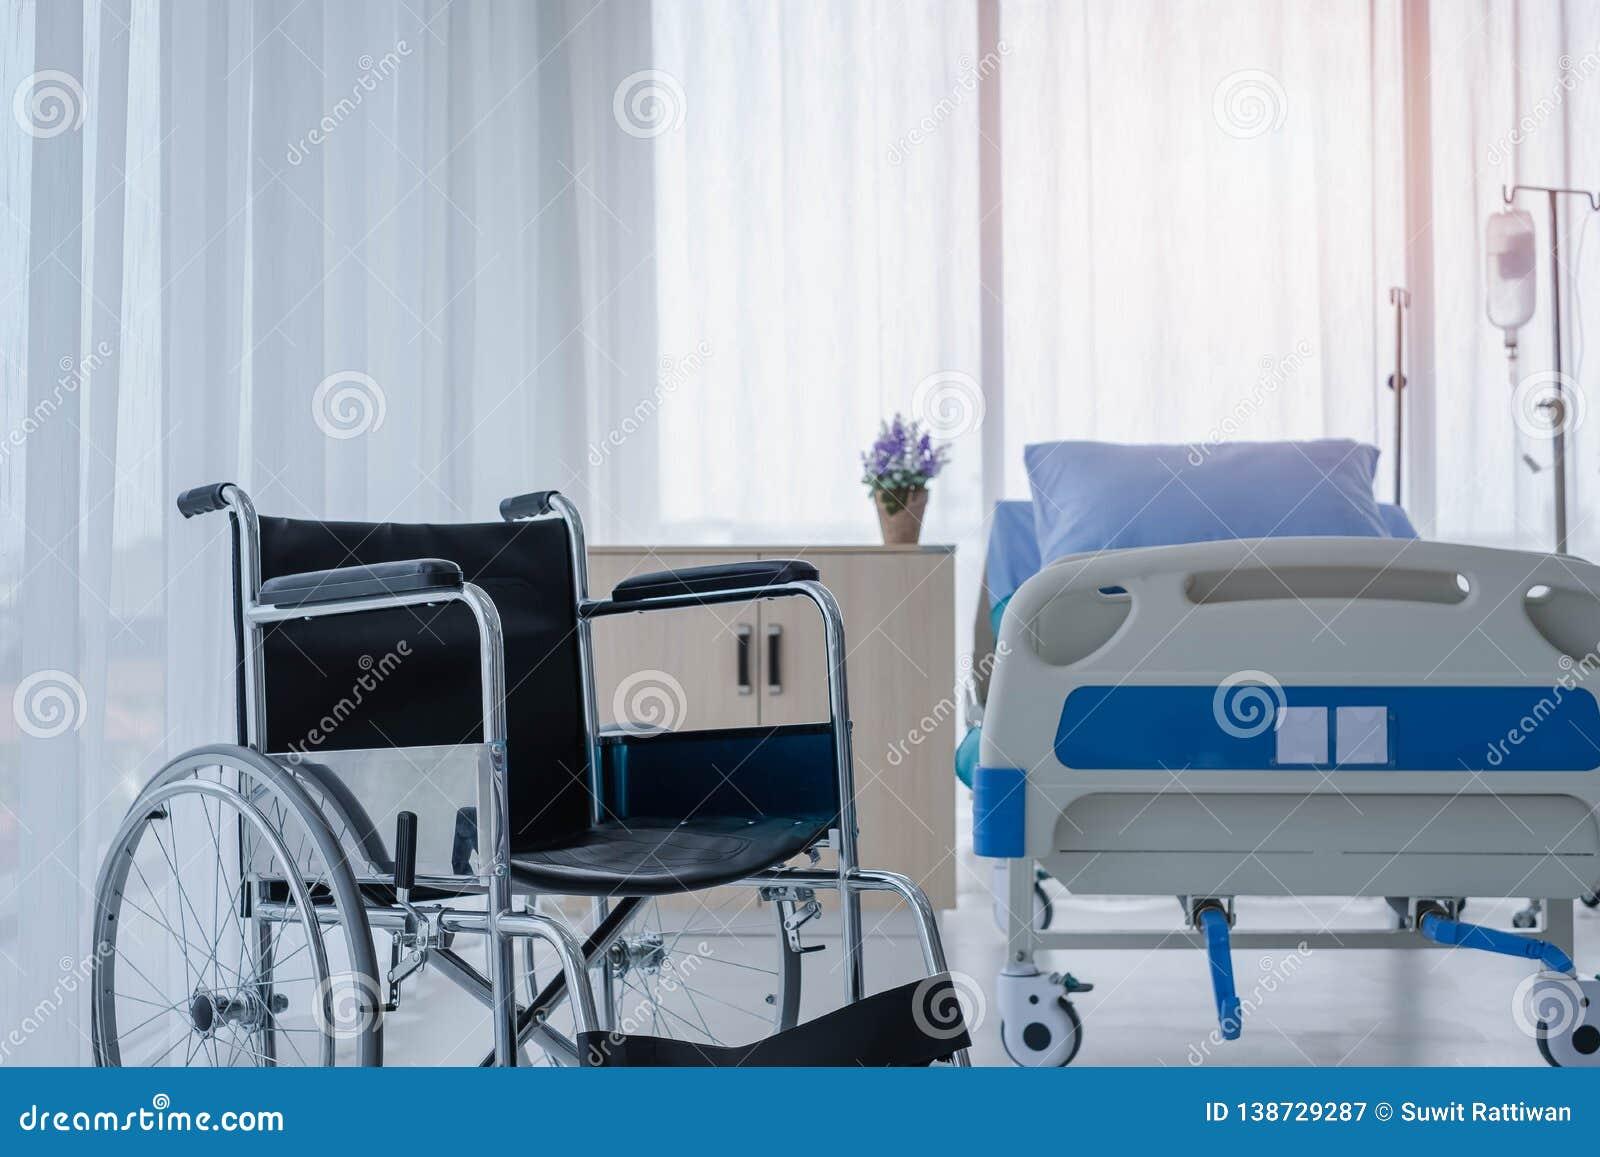 轮椅在医房